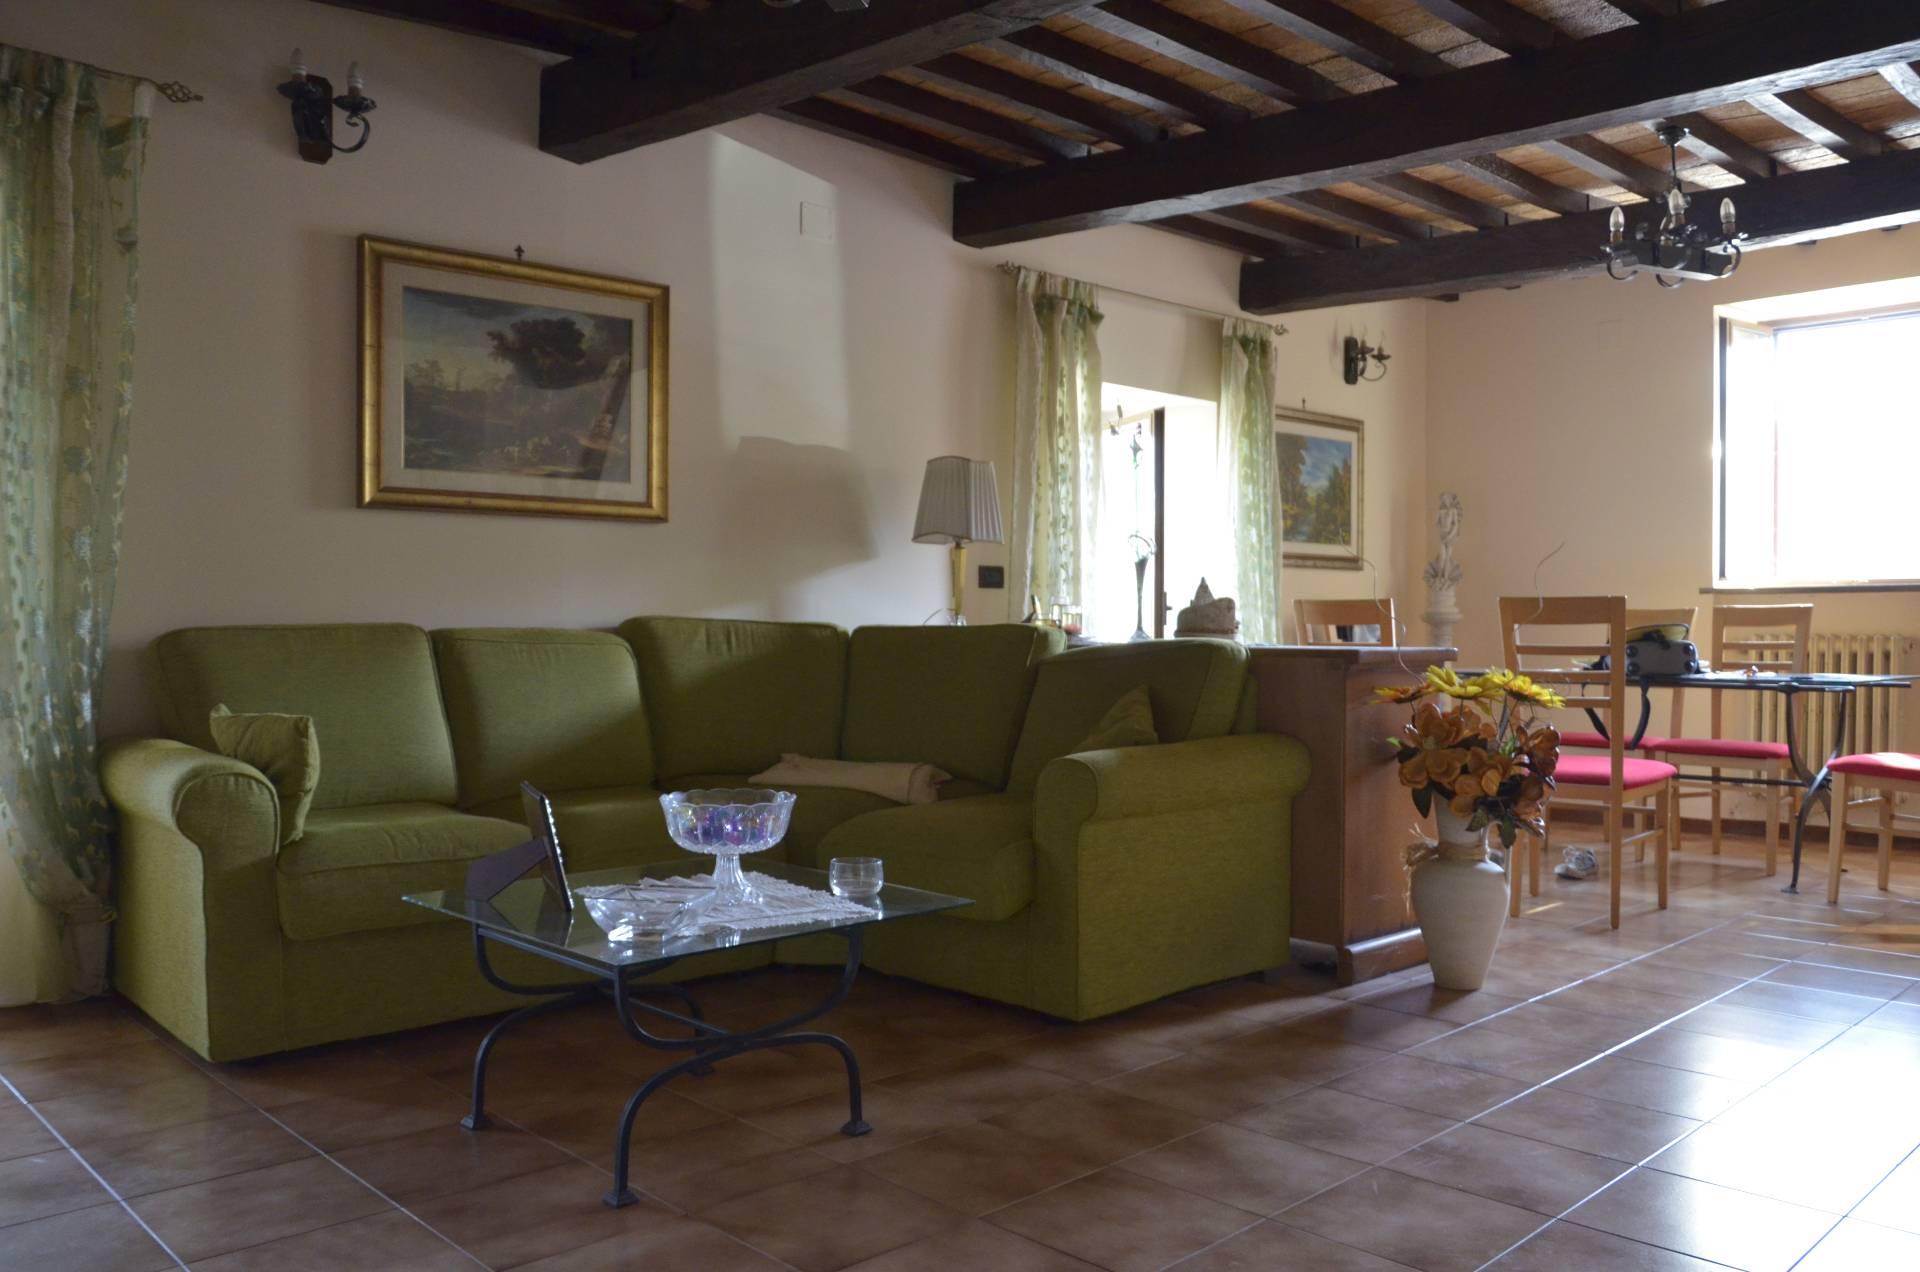 Soluzione Indipendente in vendita a Castel Giorgio, 7 locali, prezzo € 120.000 | CambioCasa.it